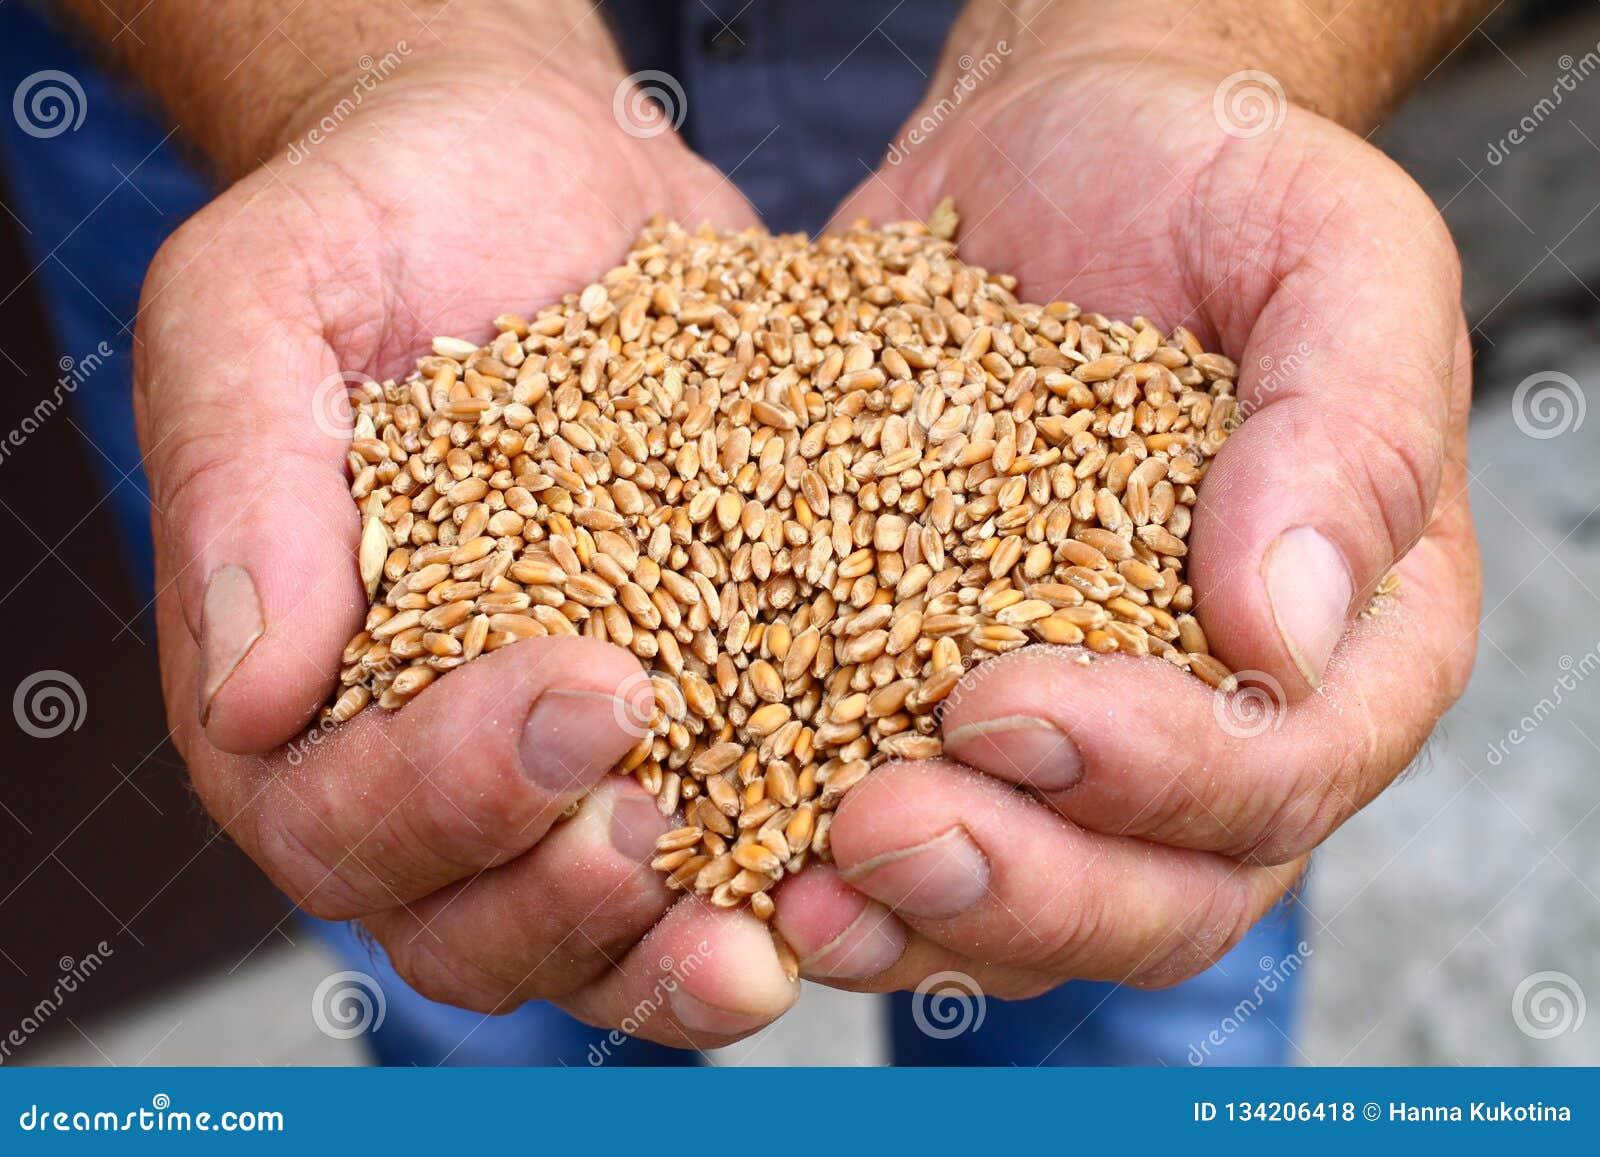 Руки людей держат зерна пшеницы